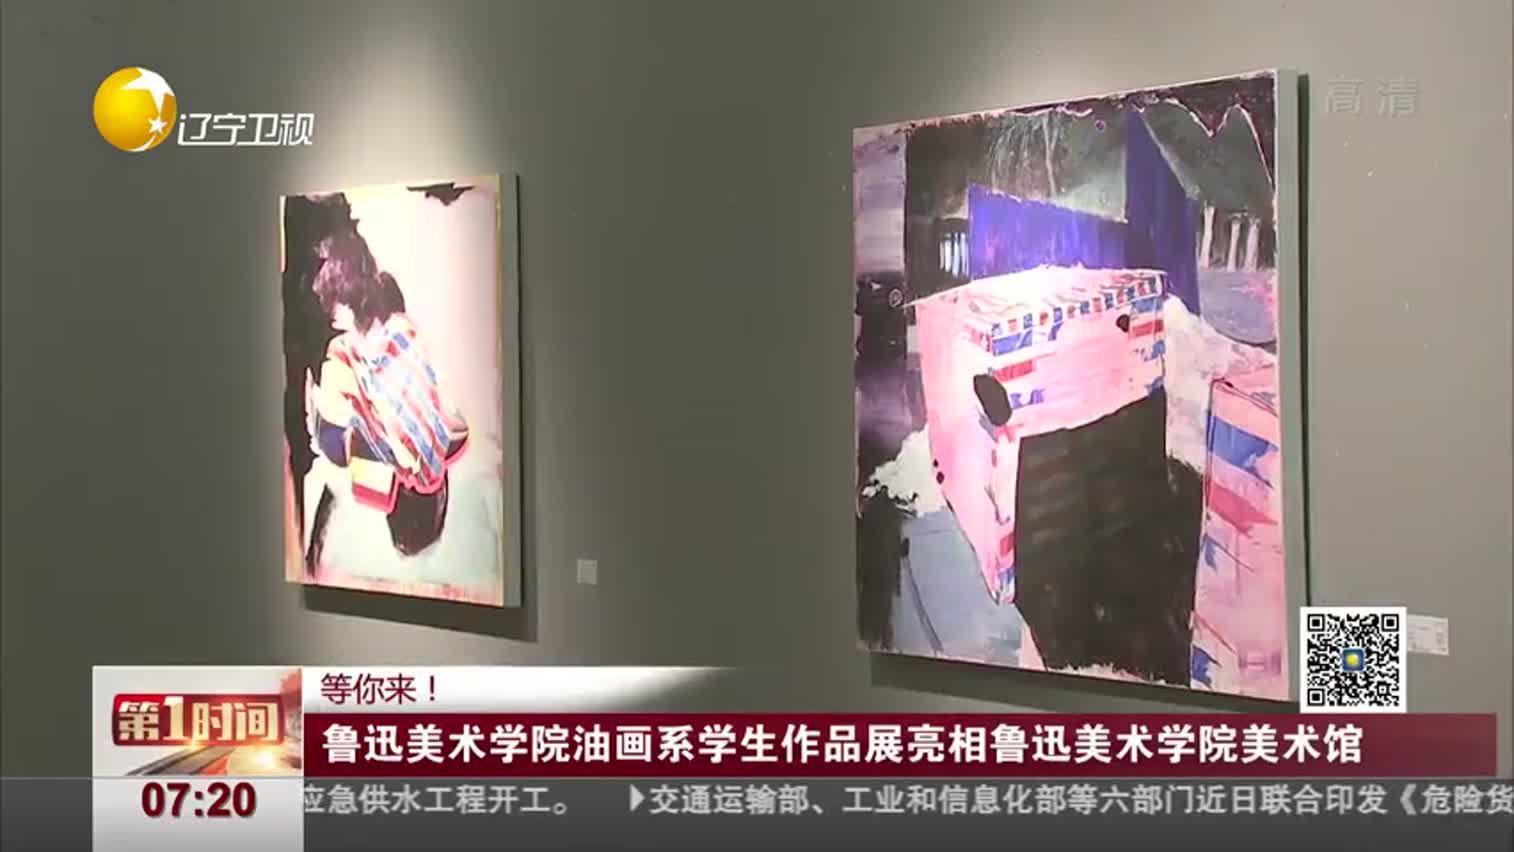 文艺青年必打卡  鲁迅美术学院油画系学生作品展